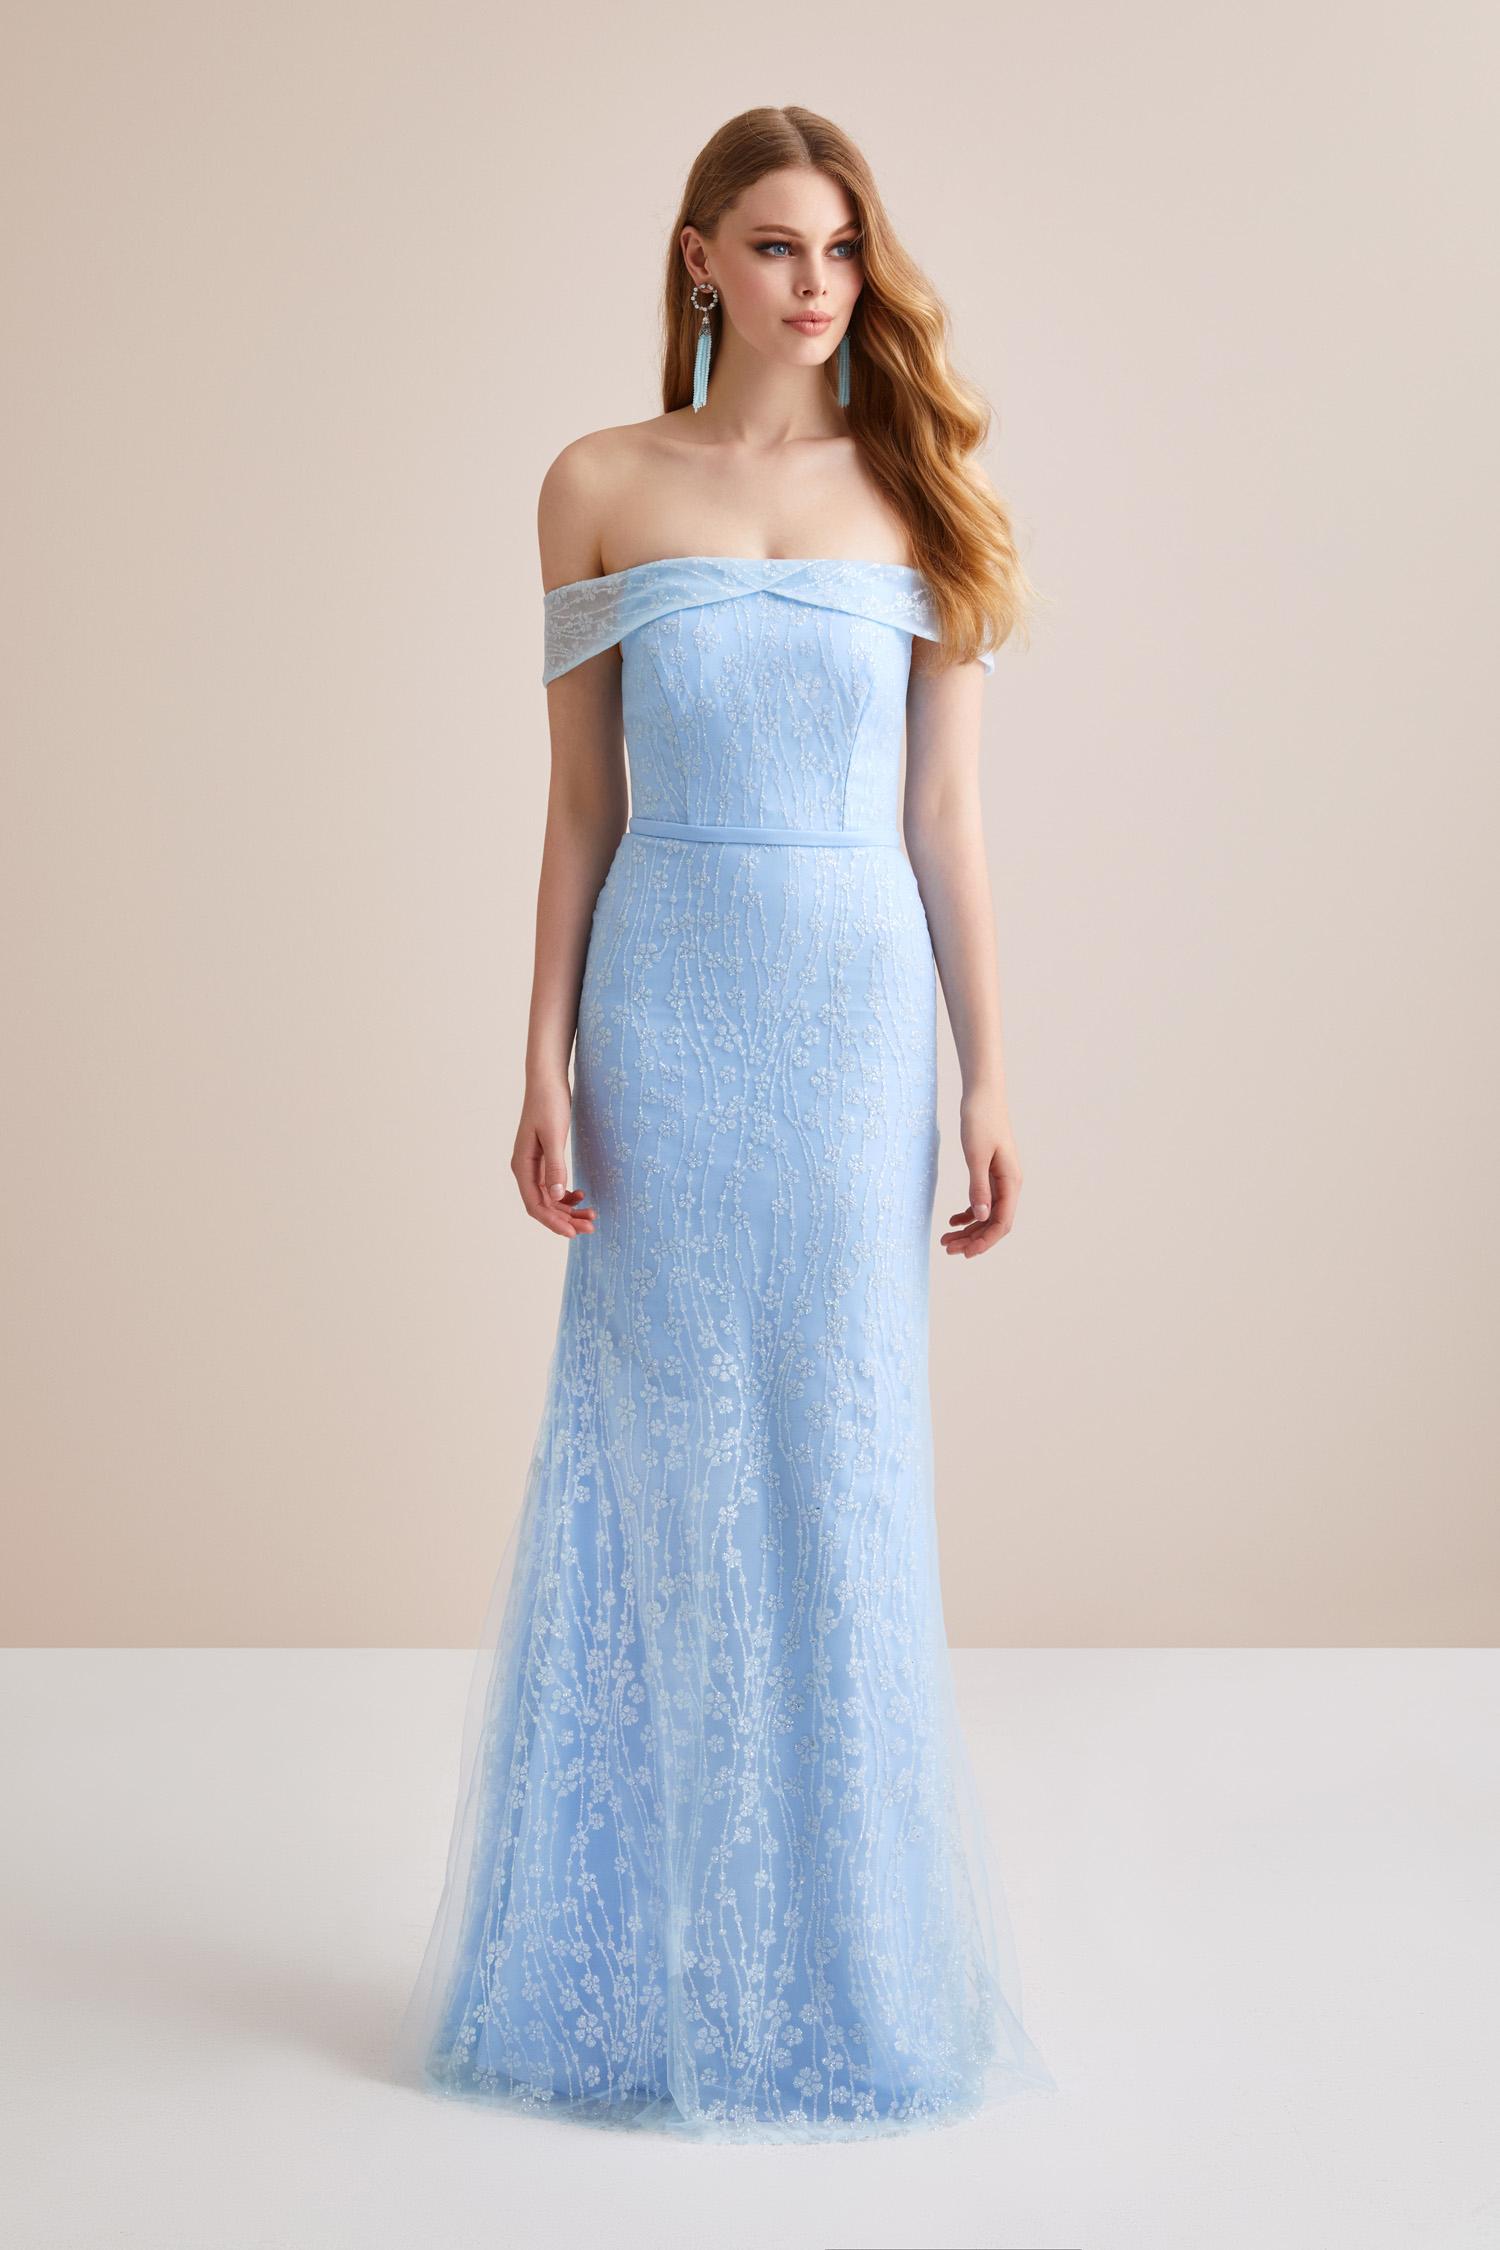 c16369d2efa3d Buz Mavisi Kayık Yaka Dantel Uzun Abiye Elbise İndirim 2XLVC3583_ICE BLUE